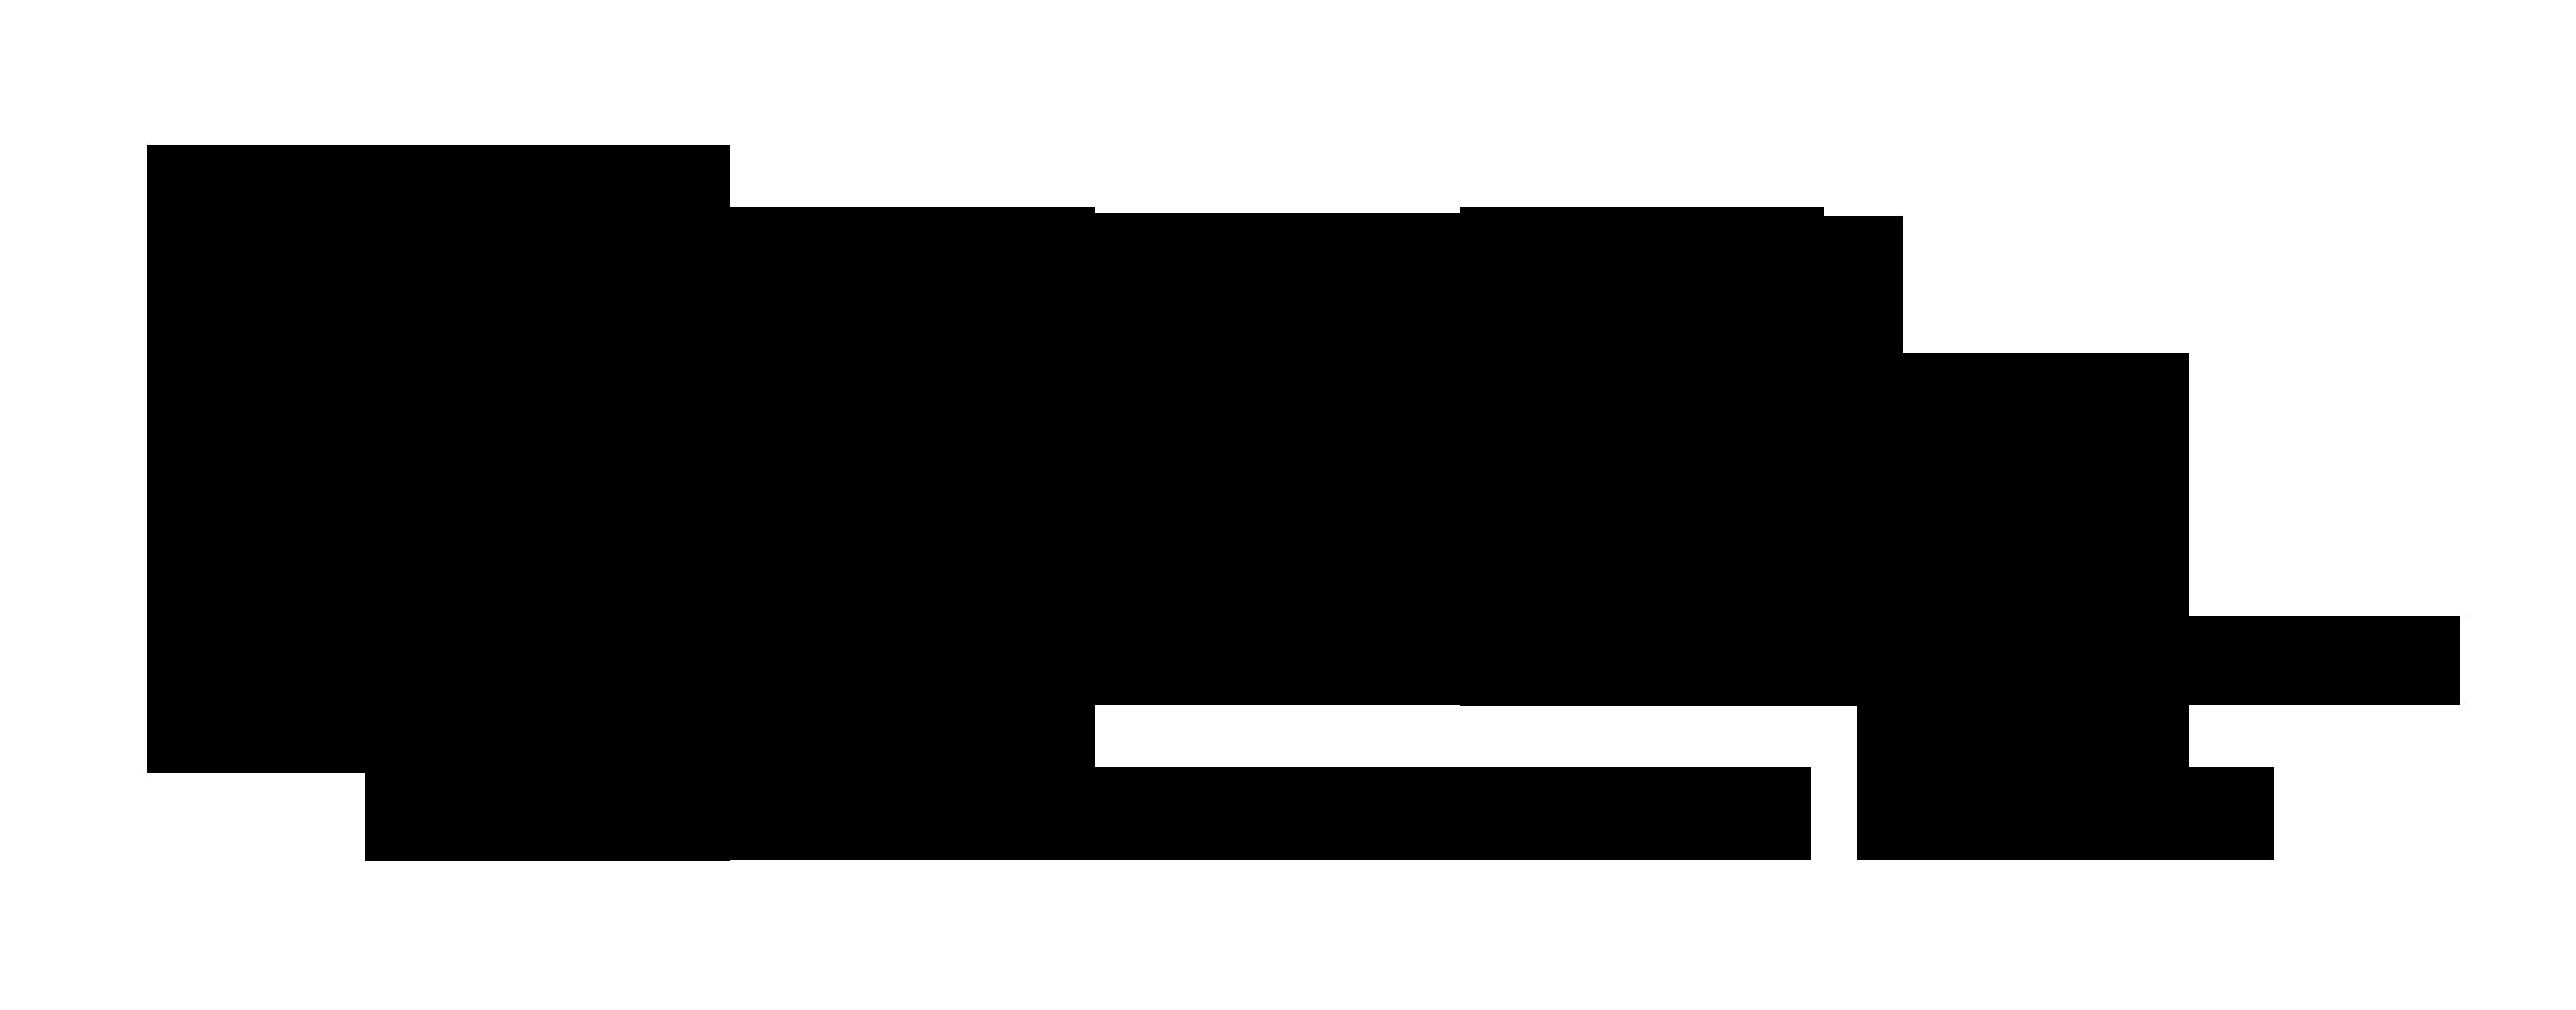 variação logótipo_negativo